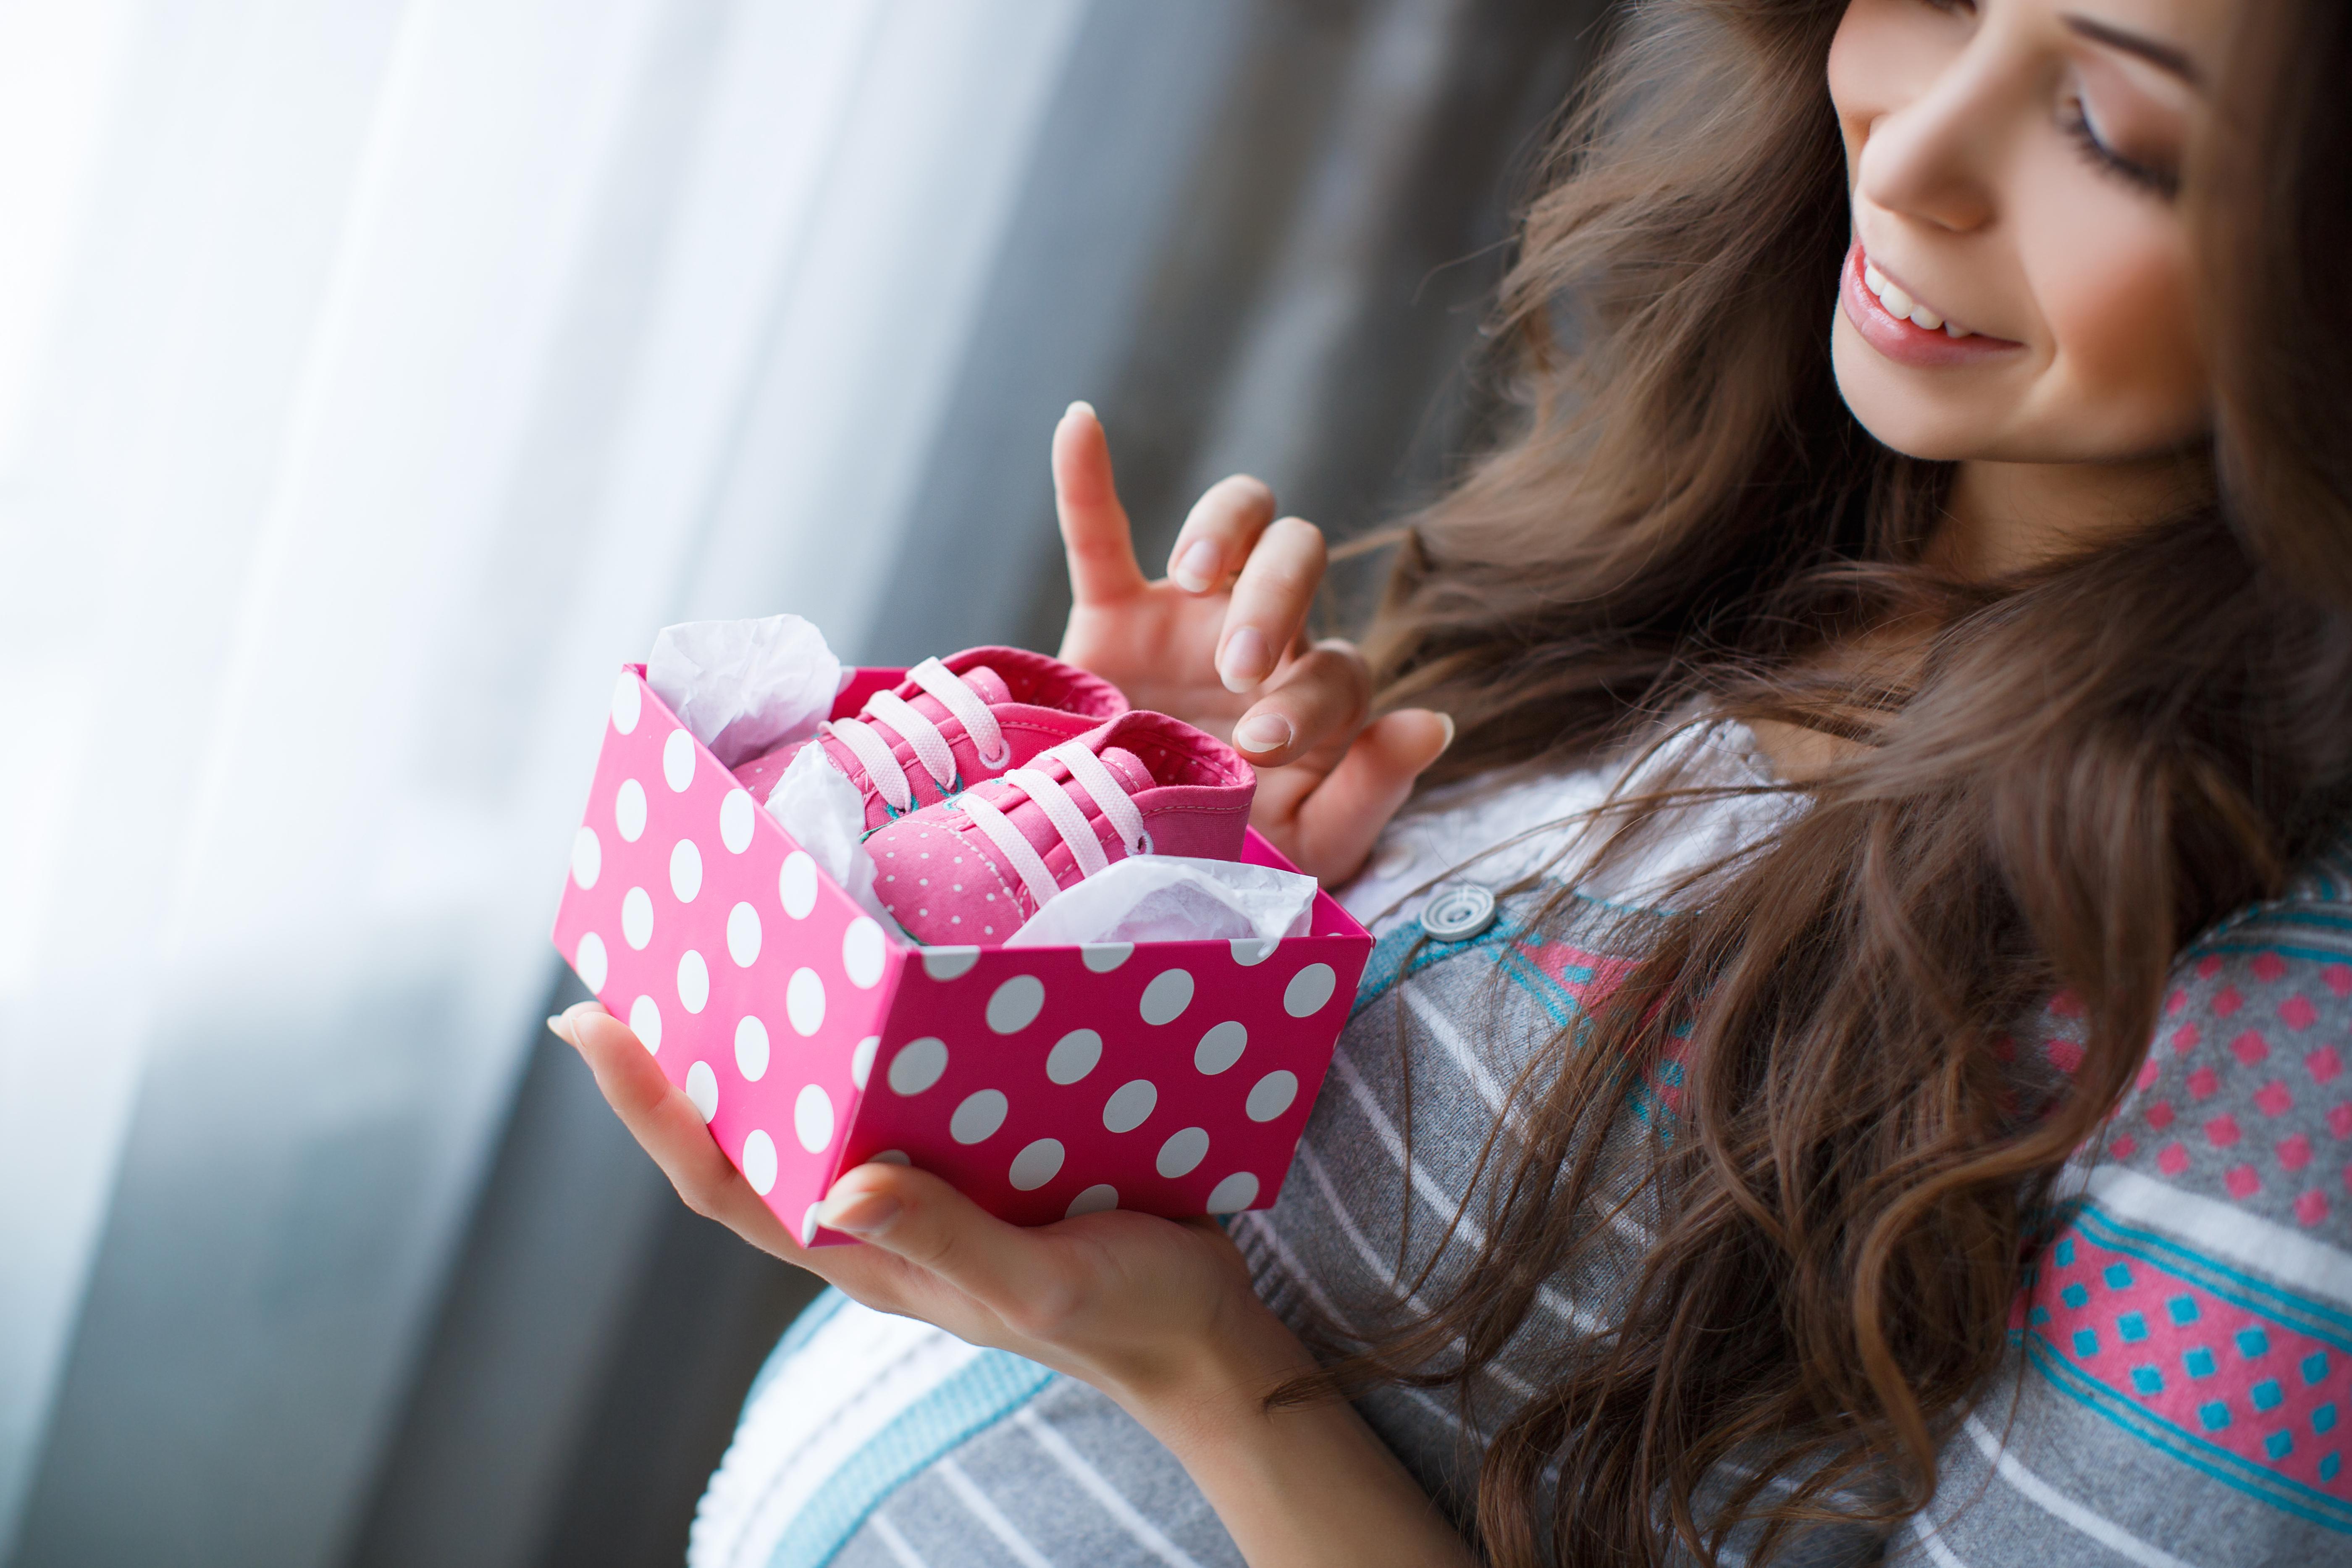 Geschenke Zur Geburt Der Anderen Art Daruber Freuen Sich Eltern